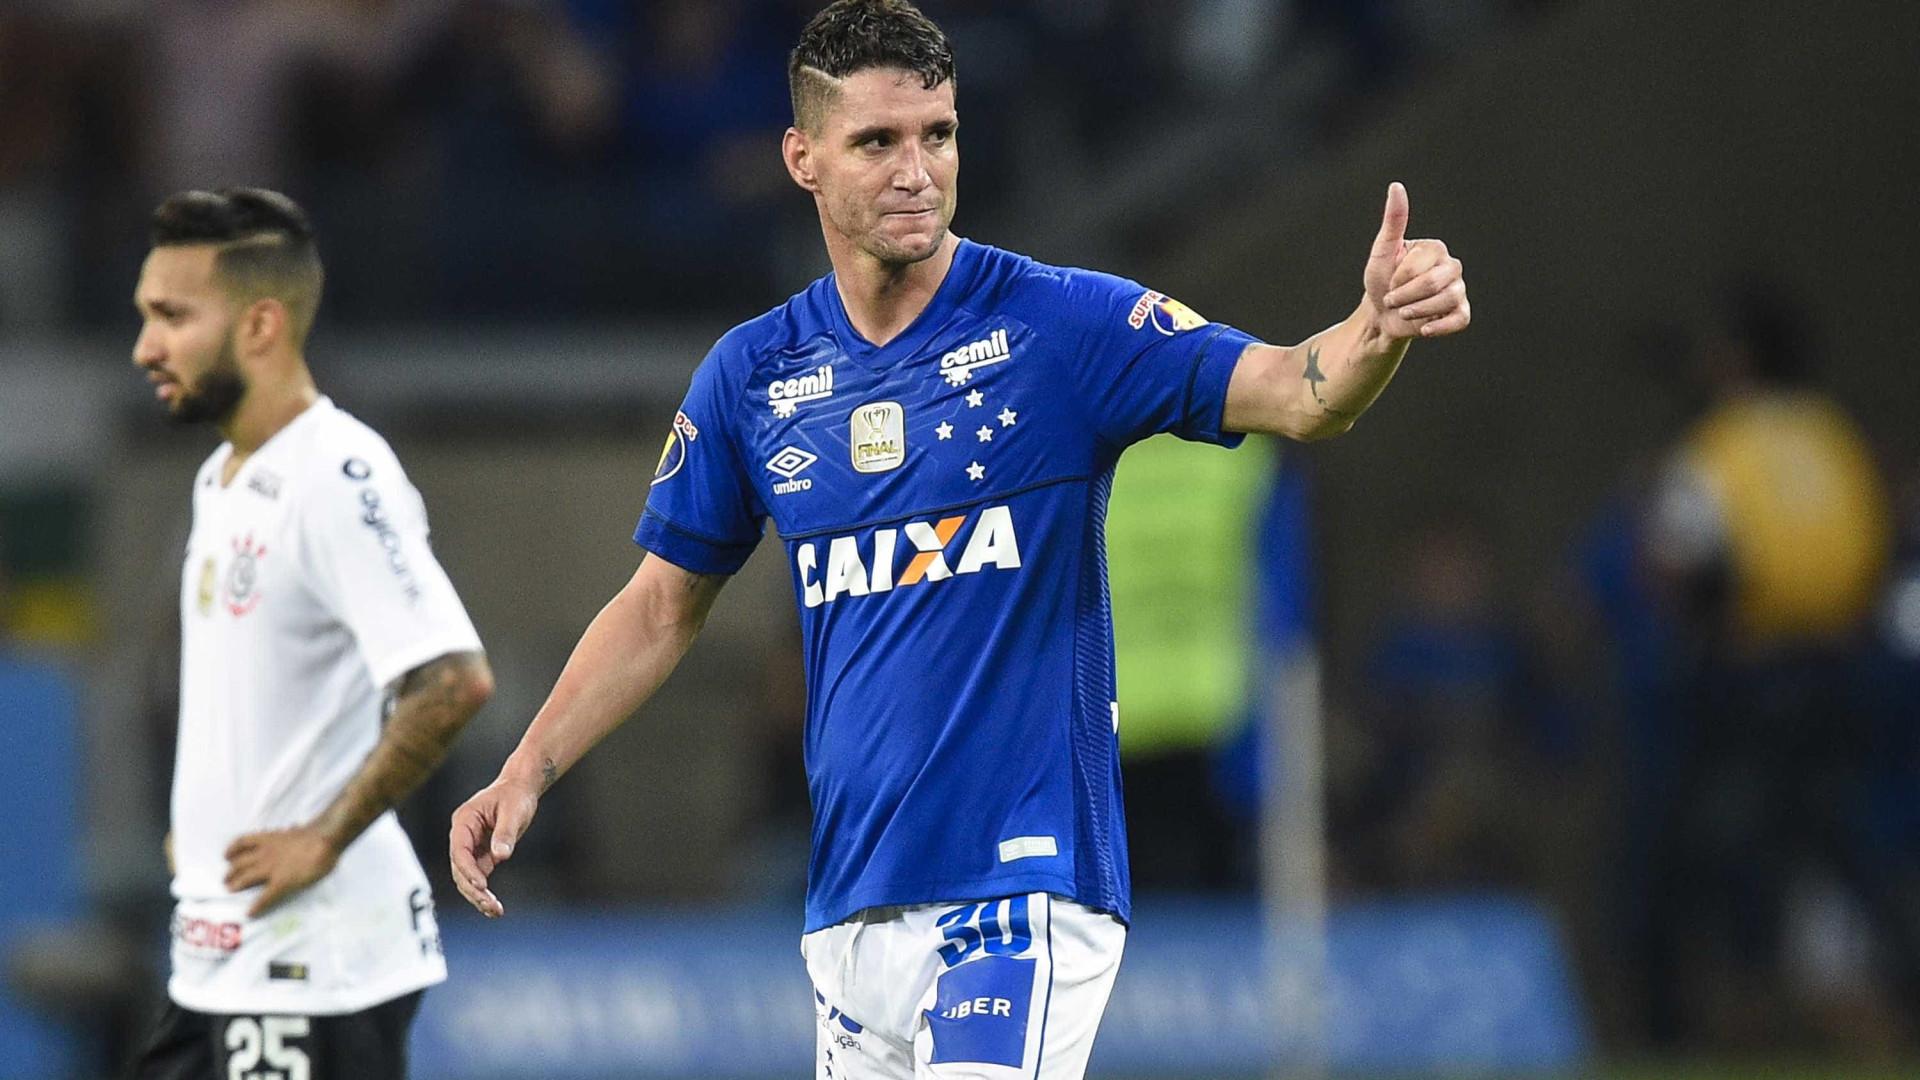 Thiago Neves herda camisa de Arrascaeta e vira  TN10  no Cruzeiro 532f7fa4bda20